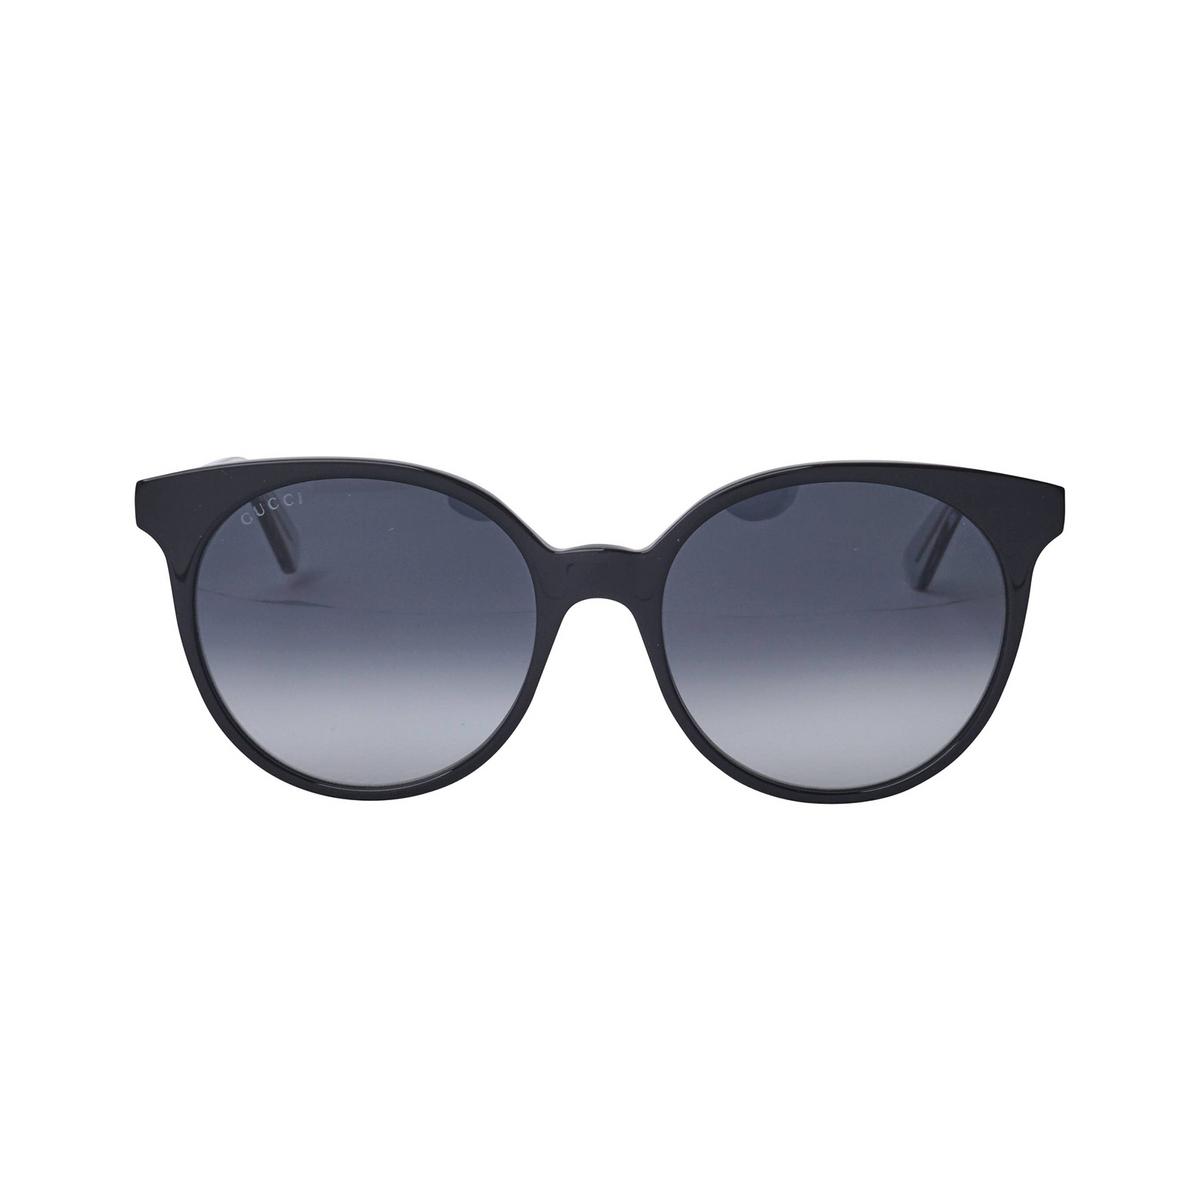 Gucci® Cat-eye Sunglasses: GG0488S color Black 005 - 1/3.